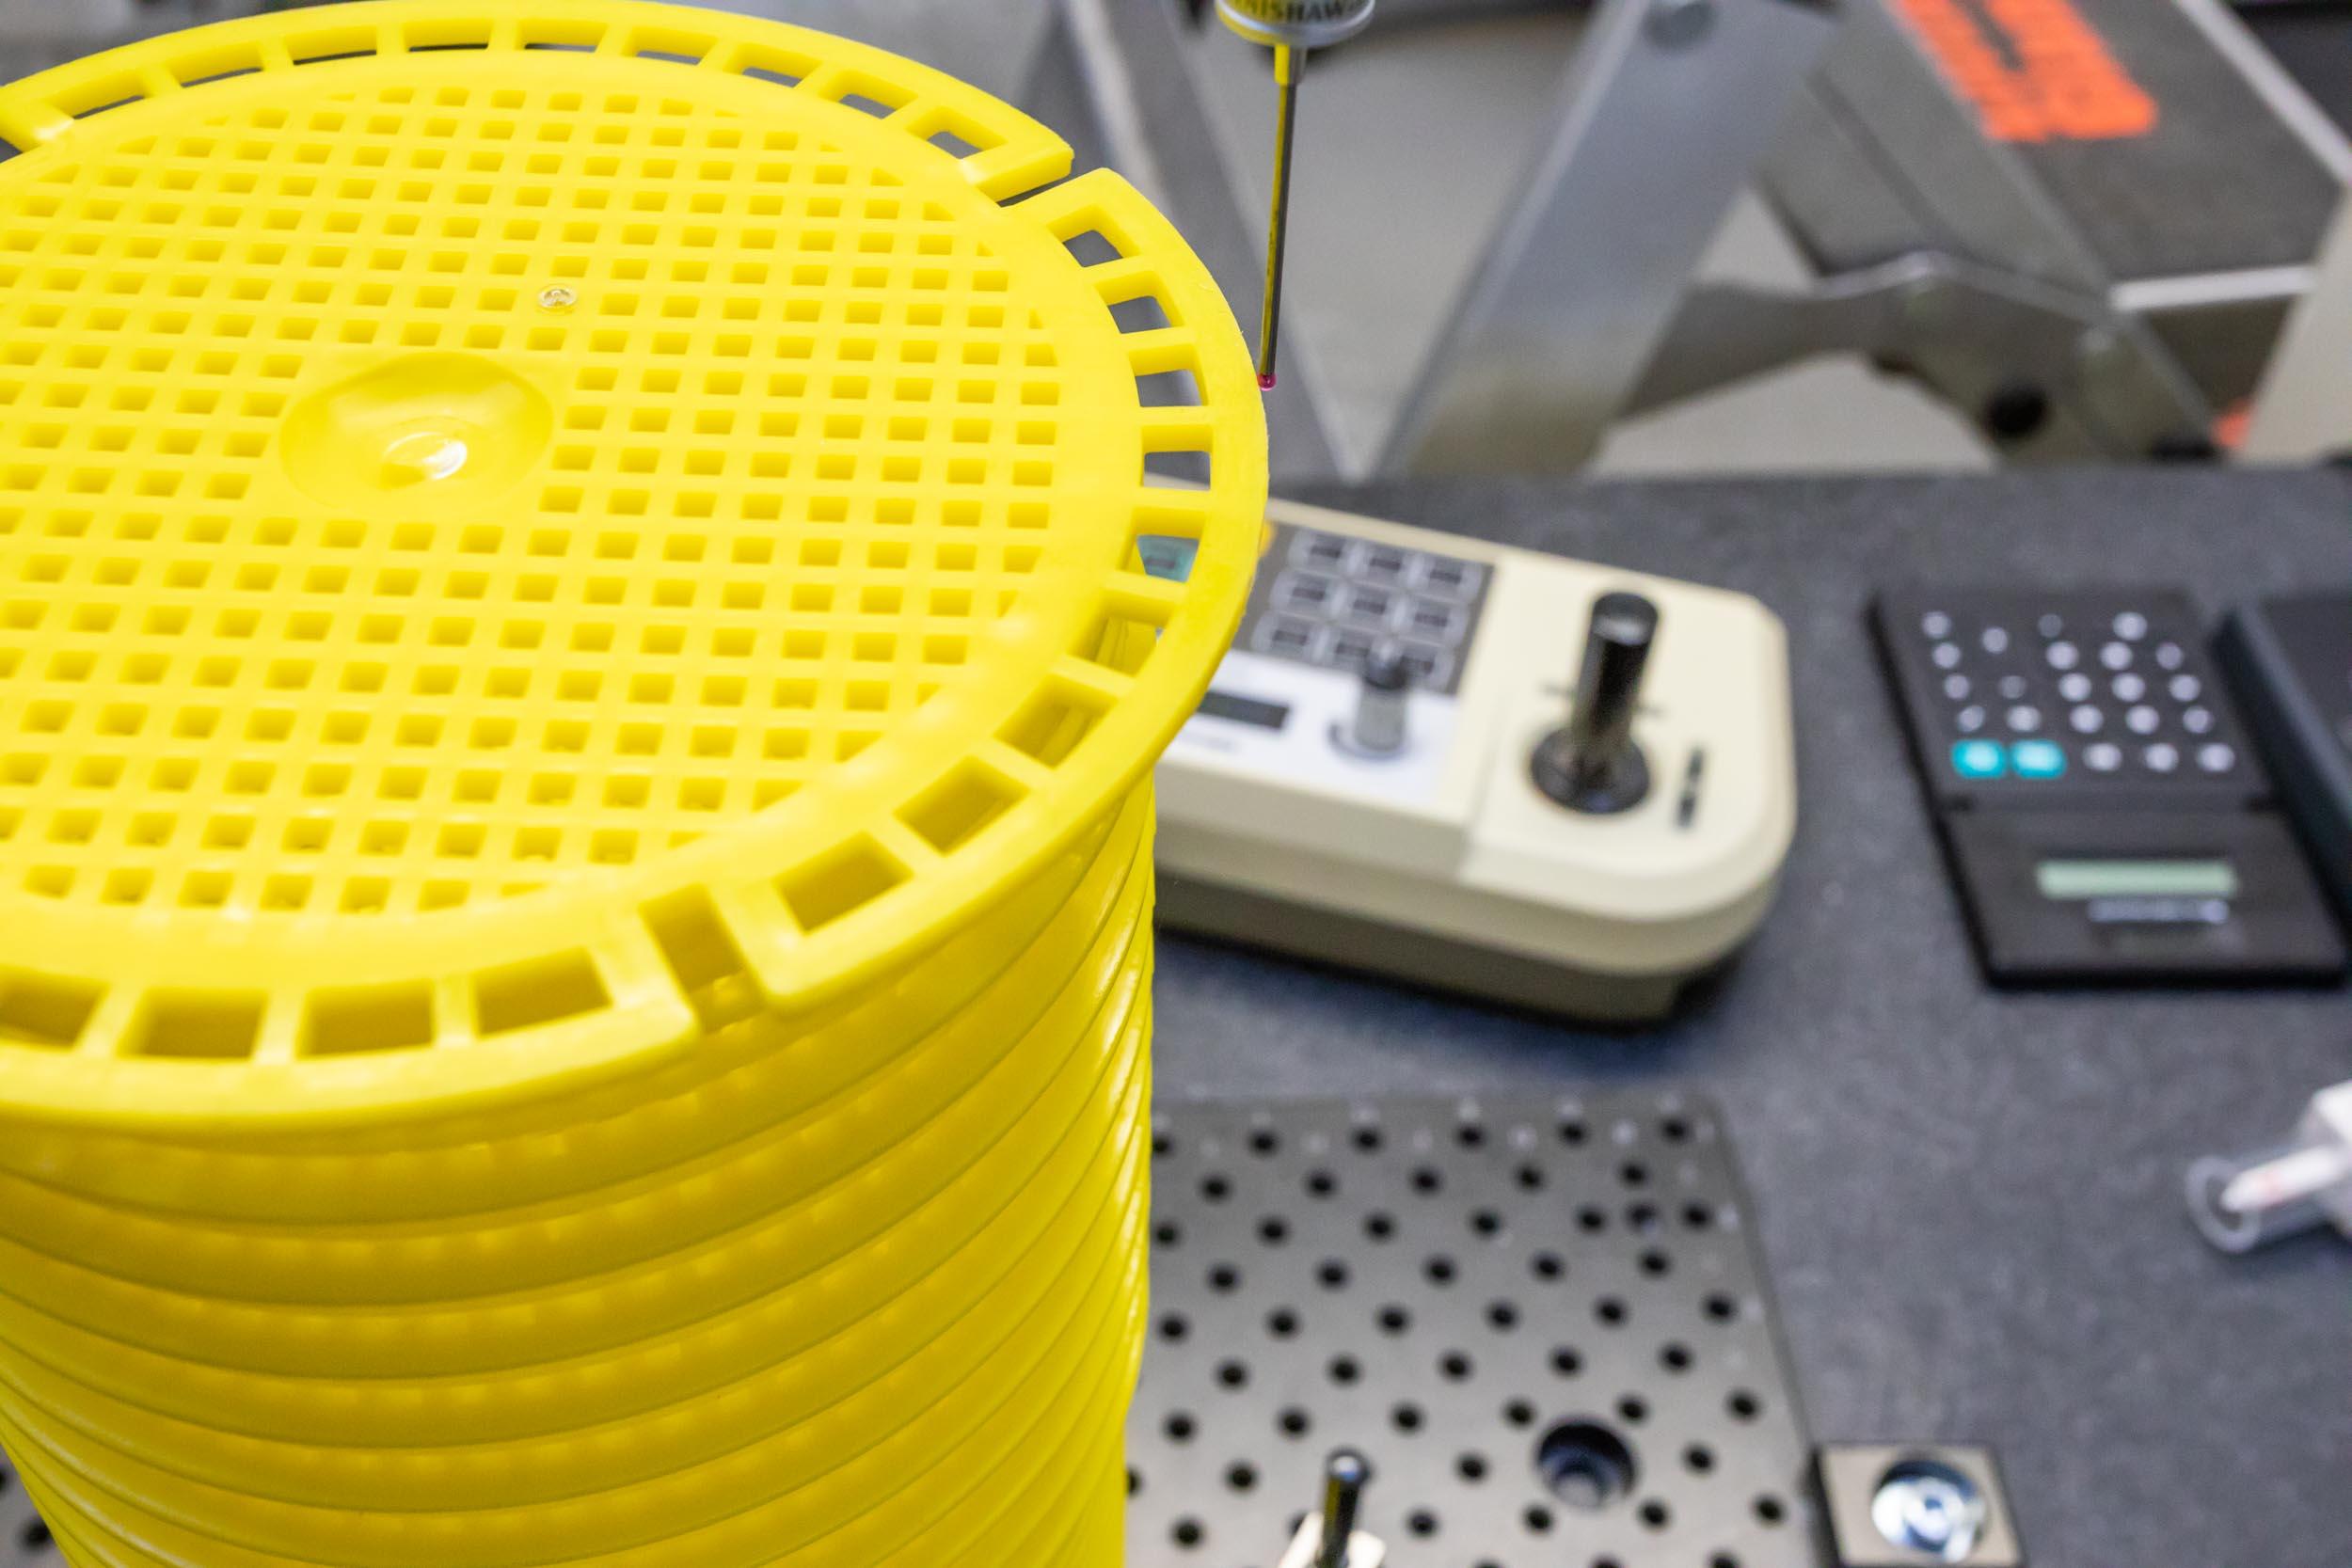 Kunststoffverarbeitung Winter Maschine Prototyp Spritzgussform Präzision Qualität Produktion Herstellung